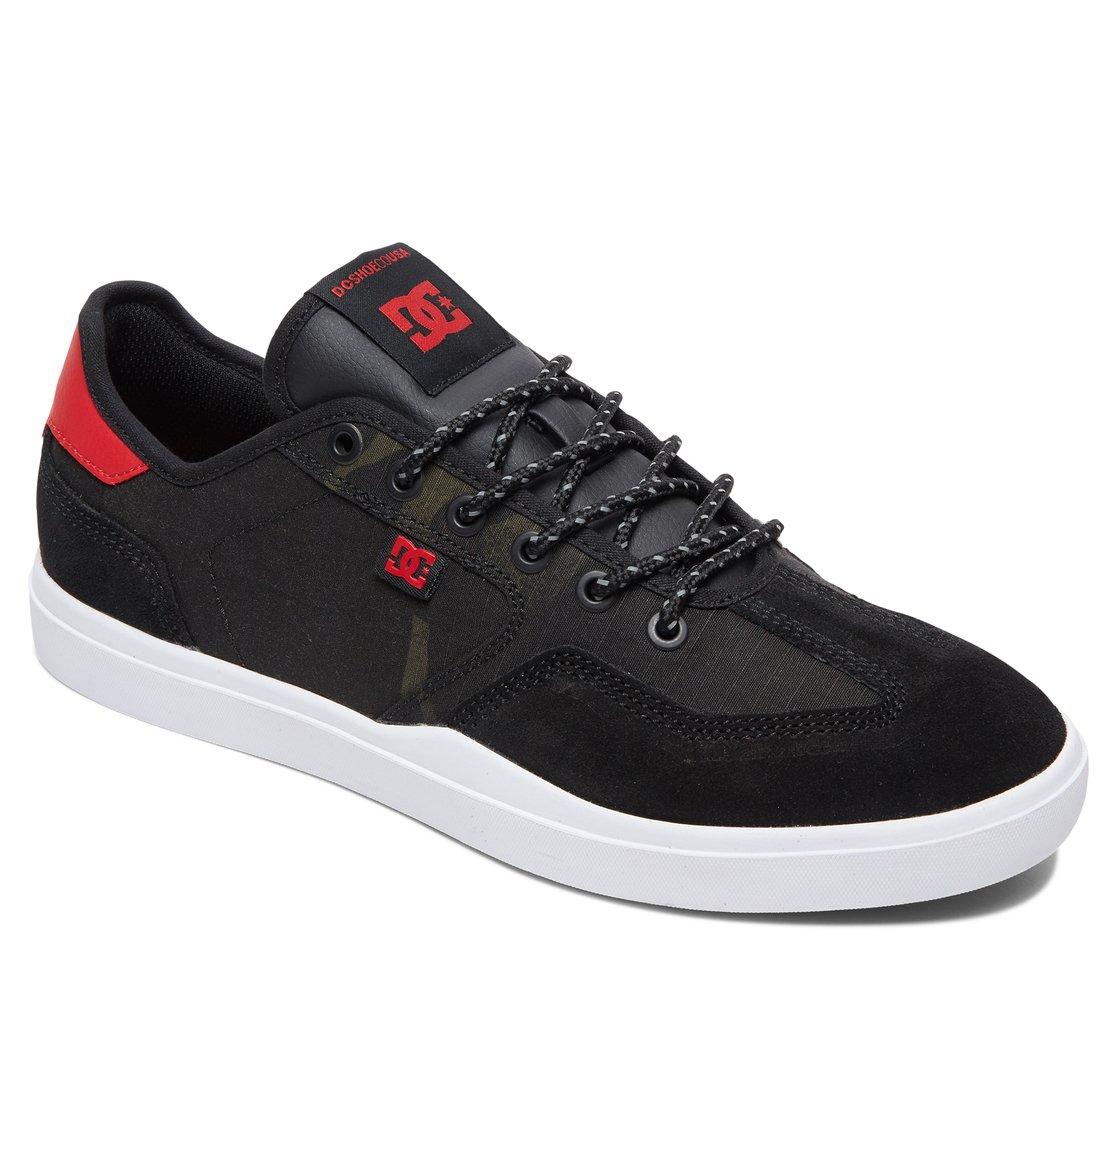 Vestrey SE - Baskets - Noir - DC Shoes DR7qIP